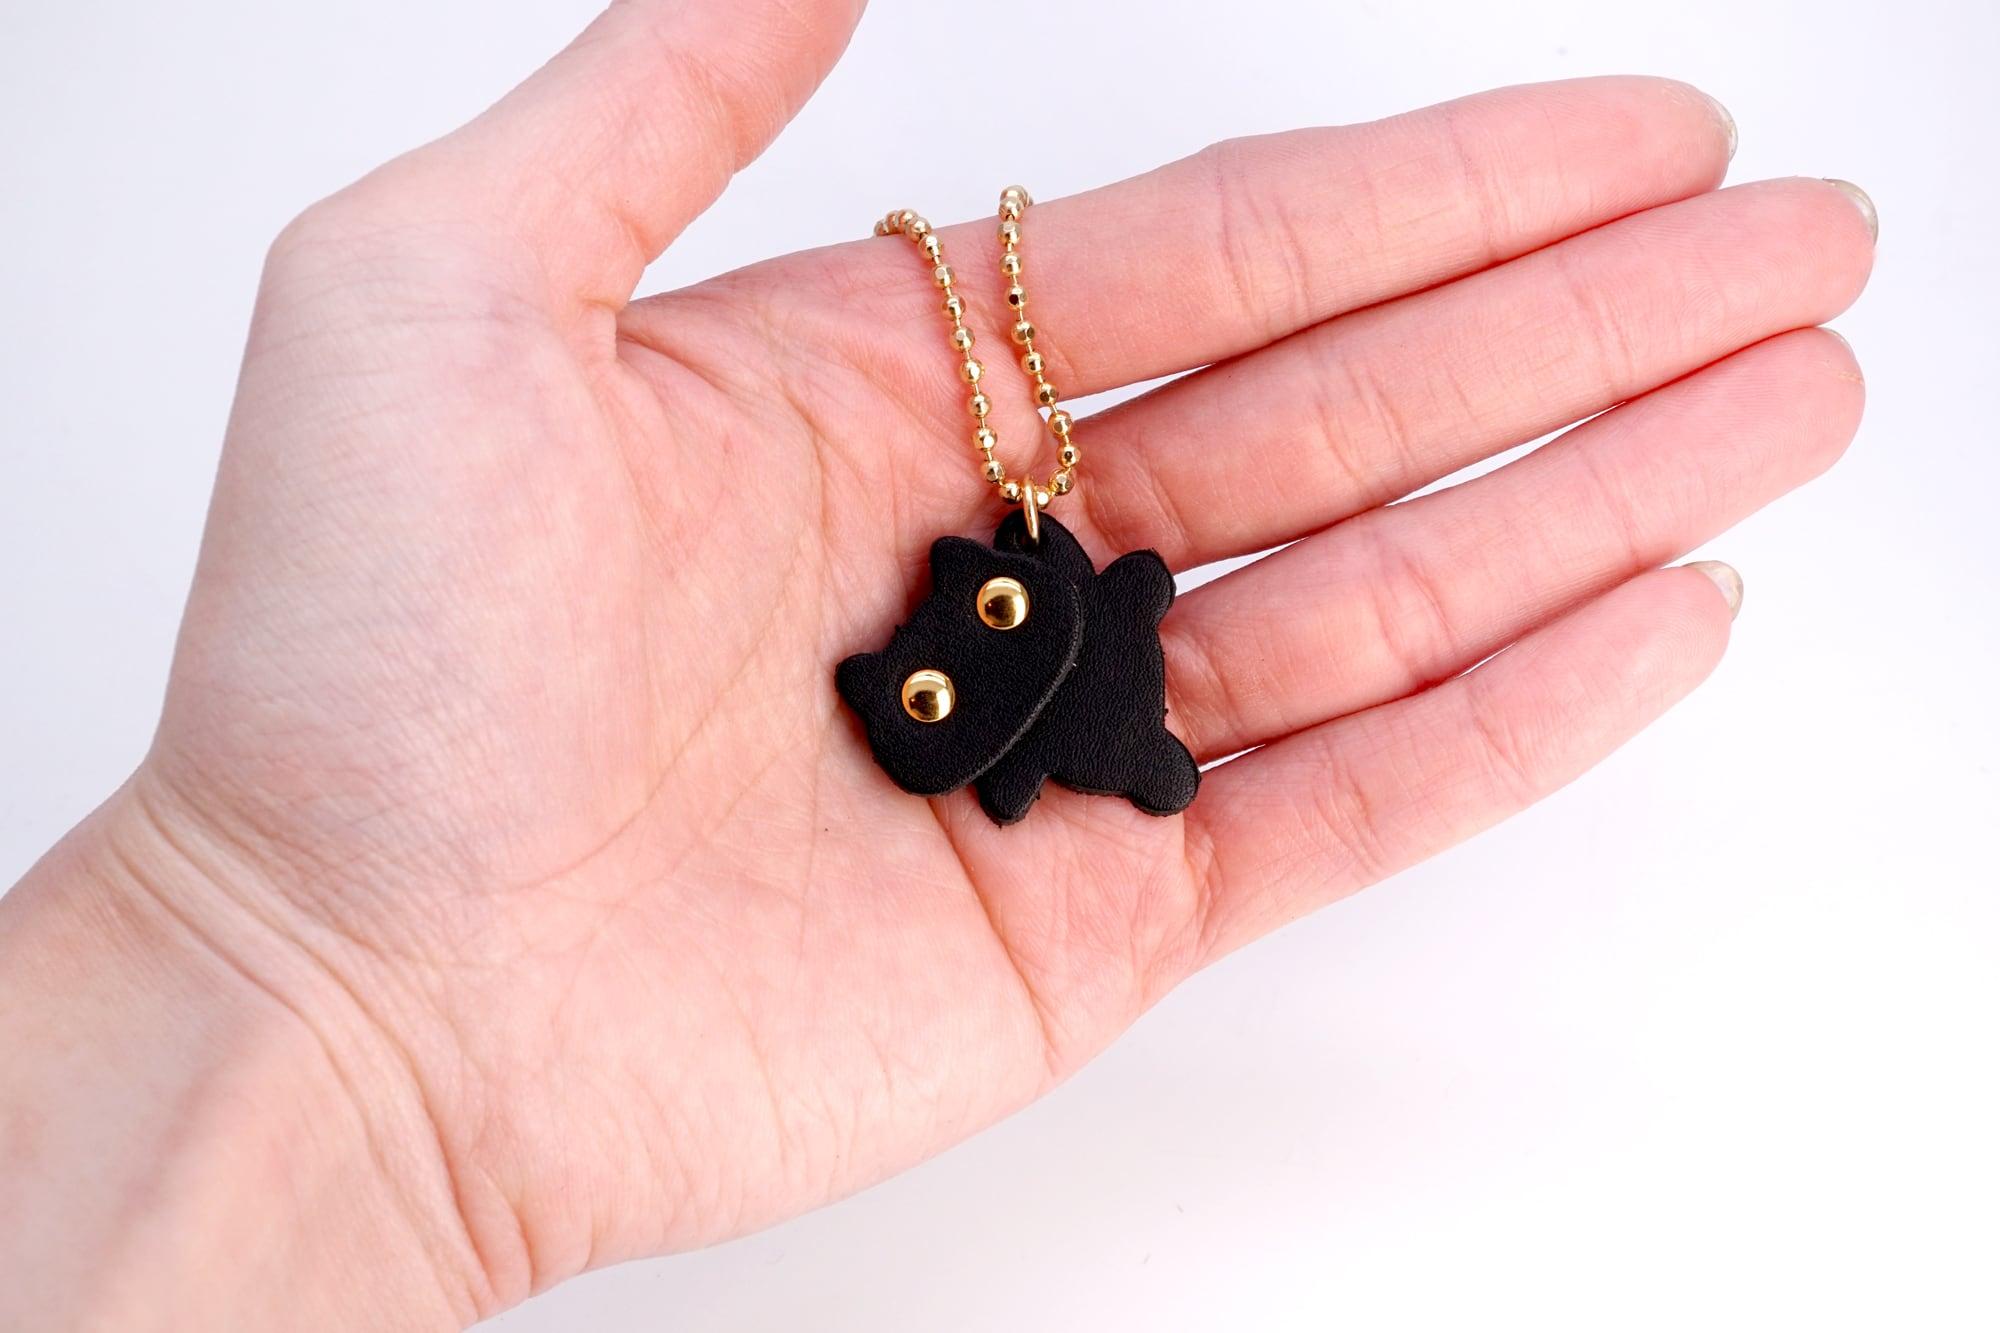 やんちゃ猫プチチャーム(牛革製)